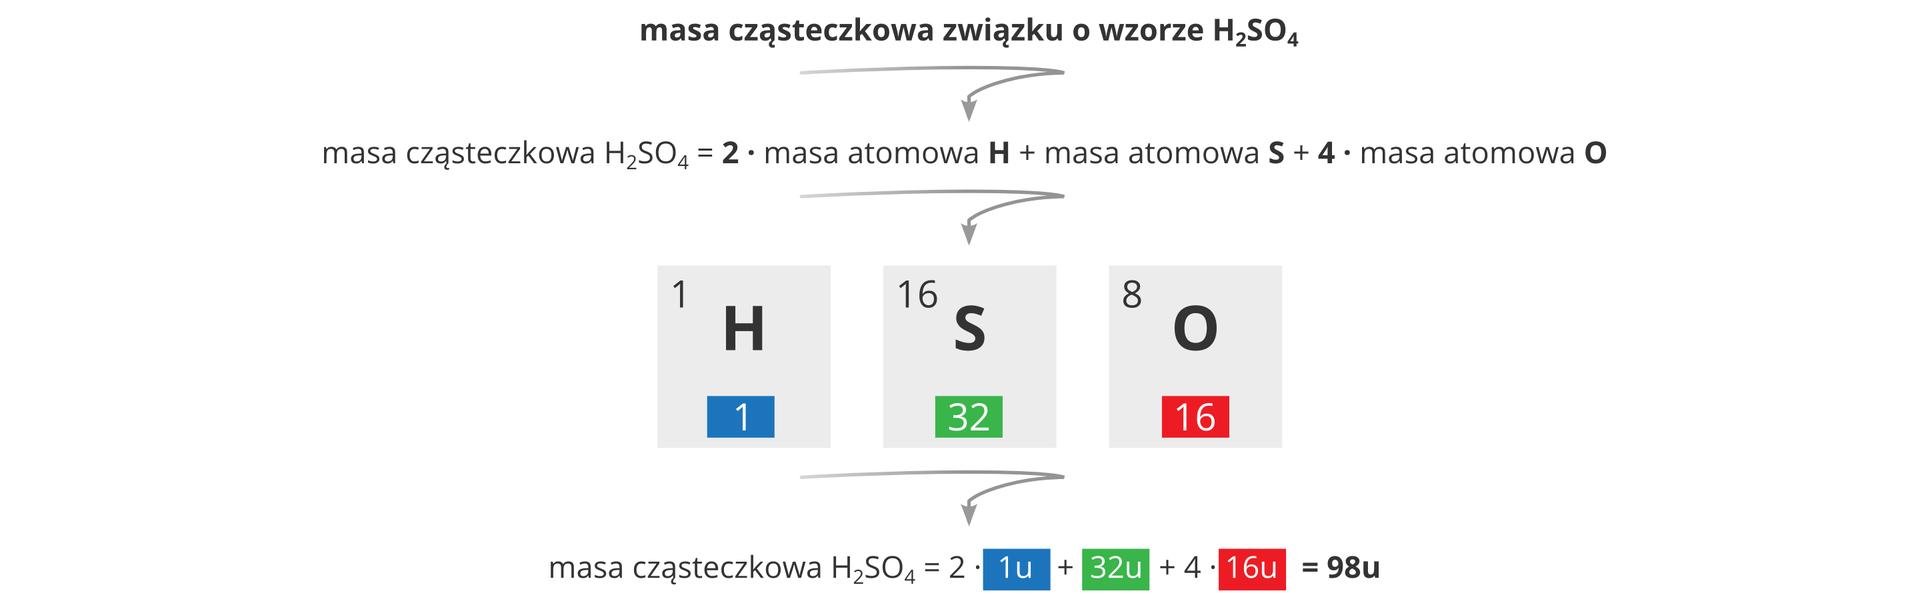 Ilustracja przedstawia obliczenia masy atomowej kwasu siarkowego wpostaci graficznej. Na początku pojawia się wzór związku H2SO4, który następnie zostaje włączony do równania: masa cząsteczkowa H2SO4 równa się dwa razy masa atomowa Hplus masa atomowa Splus cztery razy masa atomowa O. Poniżej znajdują się trzy różnokolorowe pola stylizowane na komórki układu okresowego pierwiastków zawierające symbol danego pierwiastka, jego liczbę atomową oraz liczbę masową. Każdy zpierwiastków jest wyróżniony innym kolorem (wodór - niebieski, siarka - zielony, tlen - czerwony) ite same kolory zostają wykorzystane wrównaniu poniżej, gdzie do opisanego wcześniej równania ogólnego podłożono konkretne wartości. Itak masa cząsteczkowa H2SO4 równa jest dwa razy 1 unit + 32 unity + 4 razy 16 unitów, ato się równa 98 unitów.